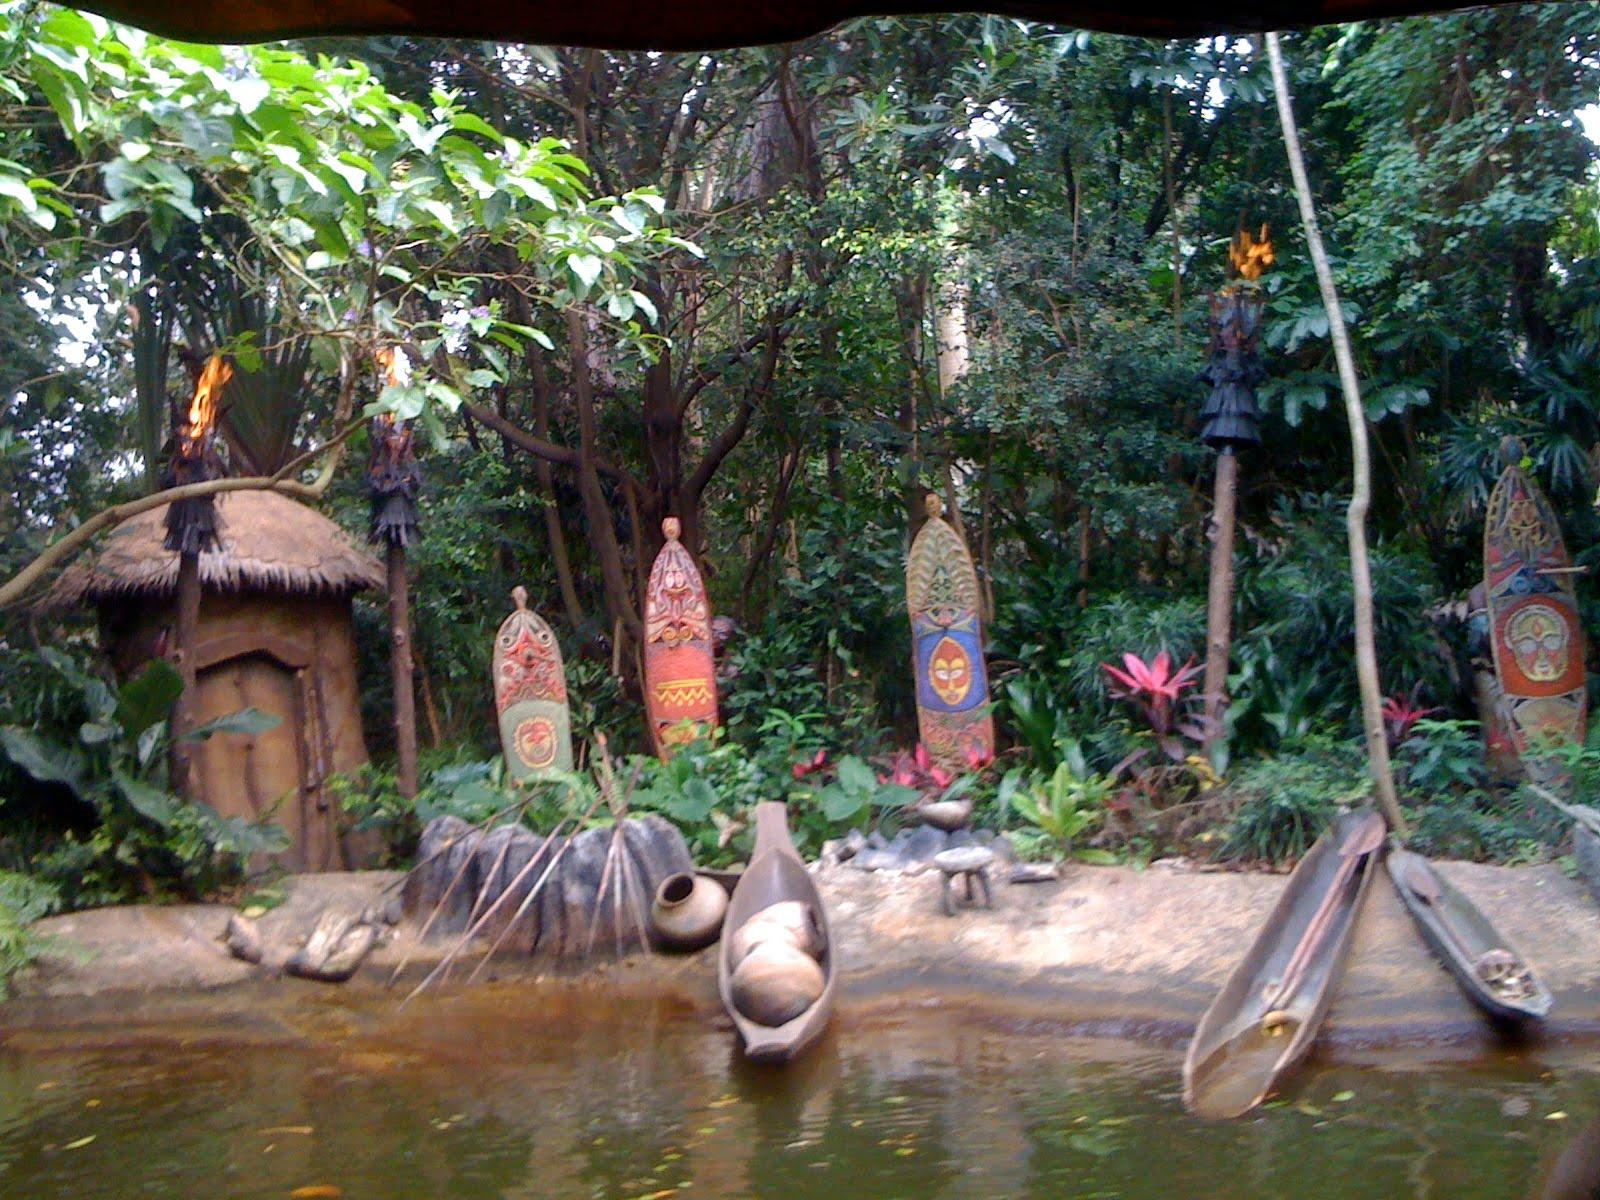 The Golden Mickeys The Jungle Cruise At Hong Kong Disneyland